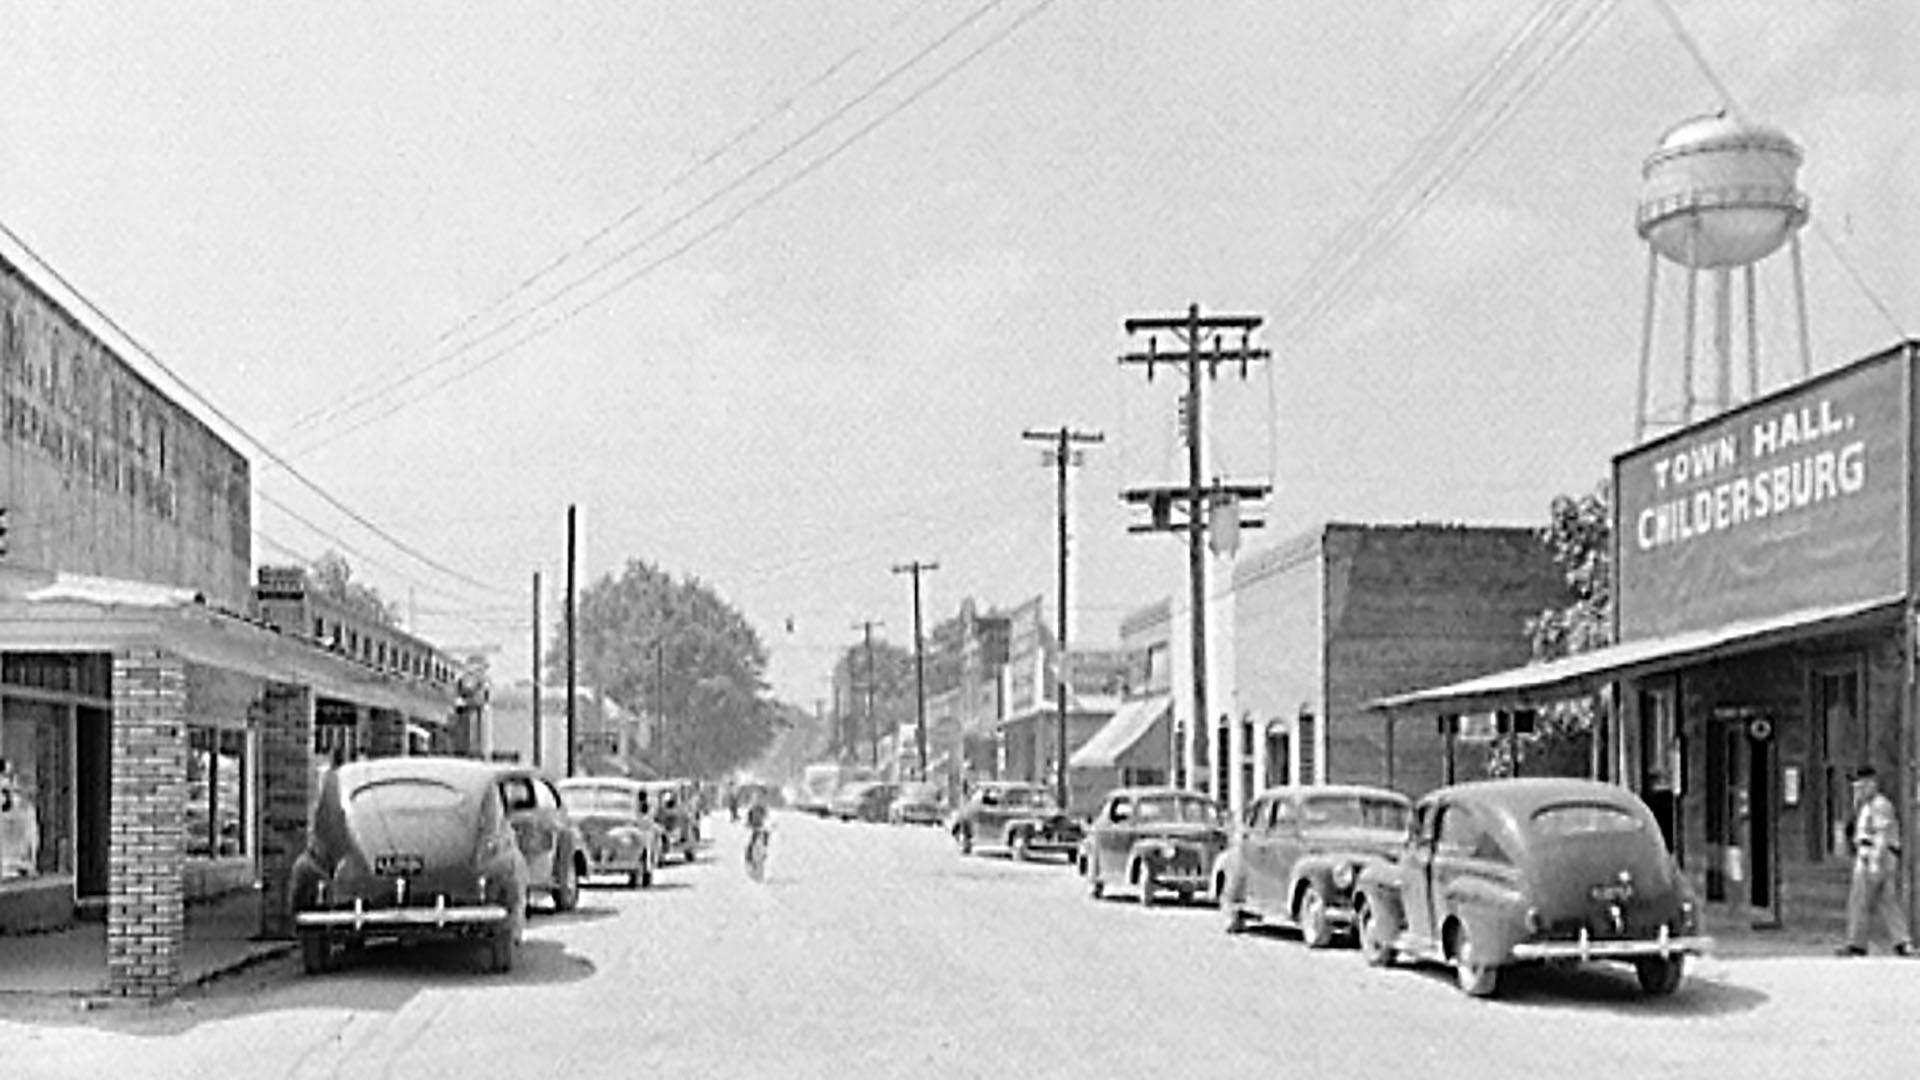 Childersburg-1942